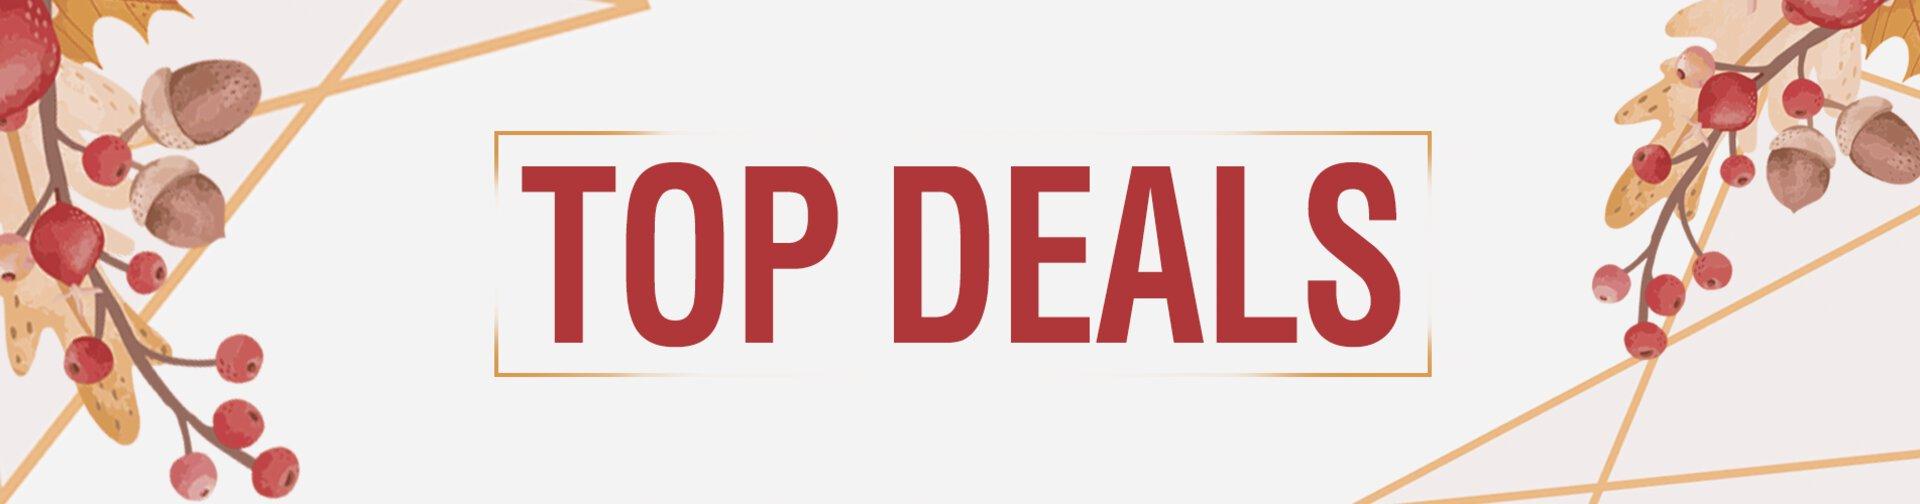 top deal sale angebot möbel inhofer